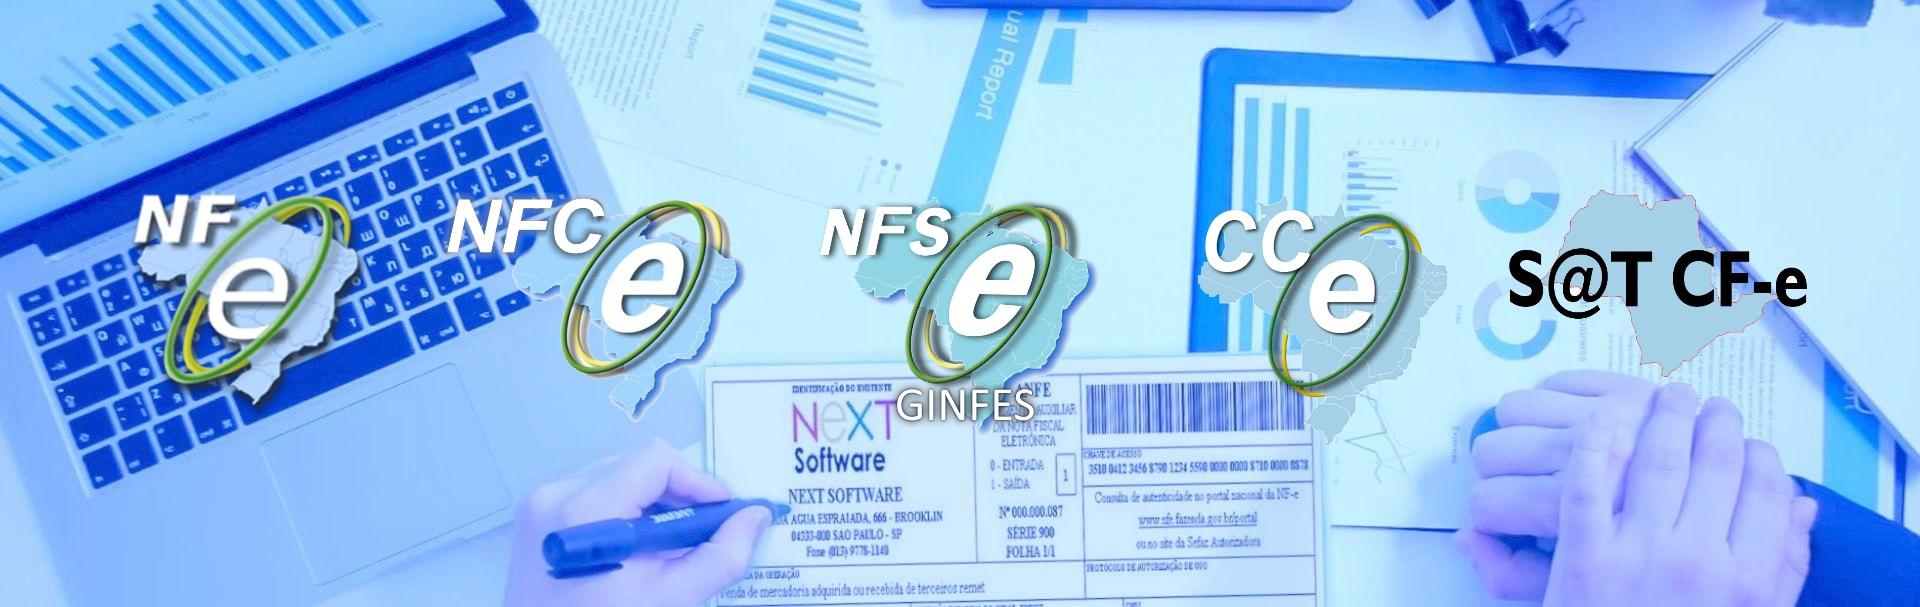 NeXT ERP para Funilaria - Sistema gerencial completo com Emissão de NF-e | NFS-e | CC-e | NFC-e | SAT